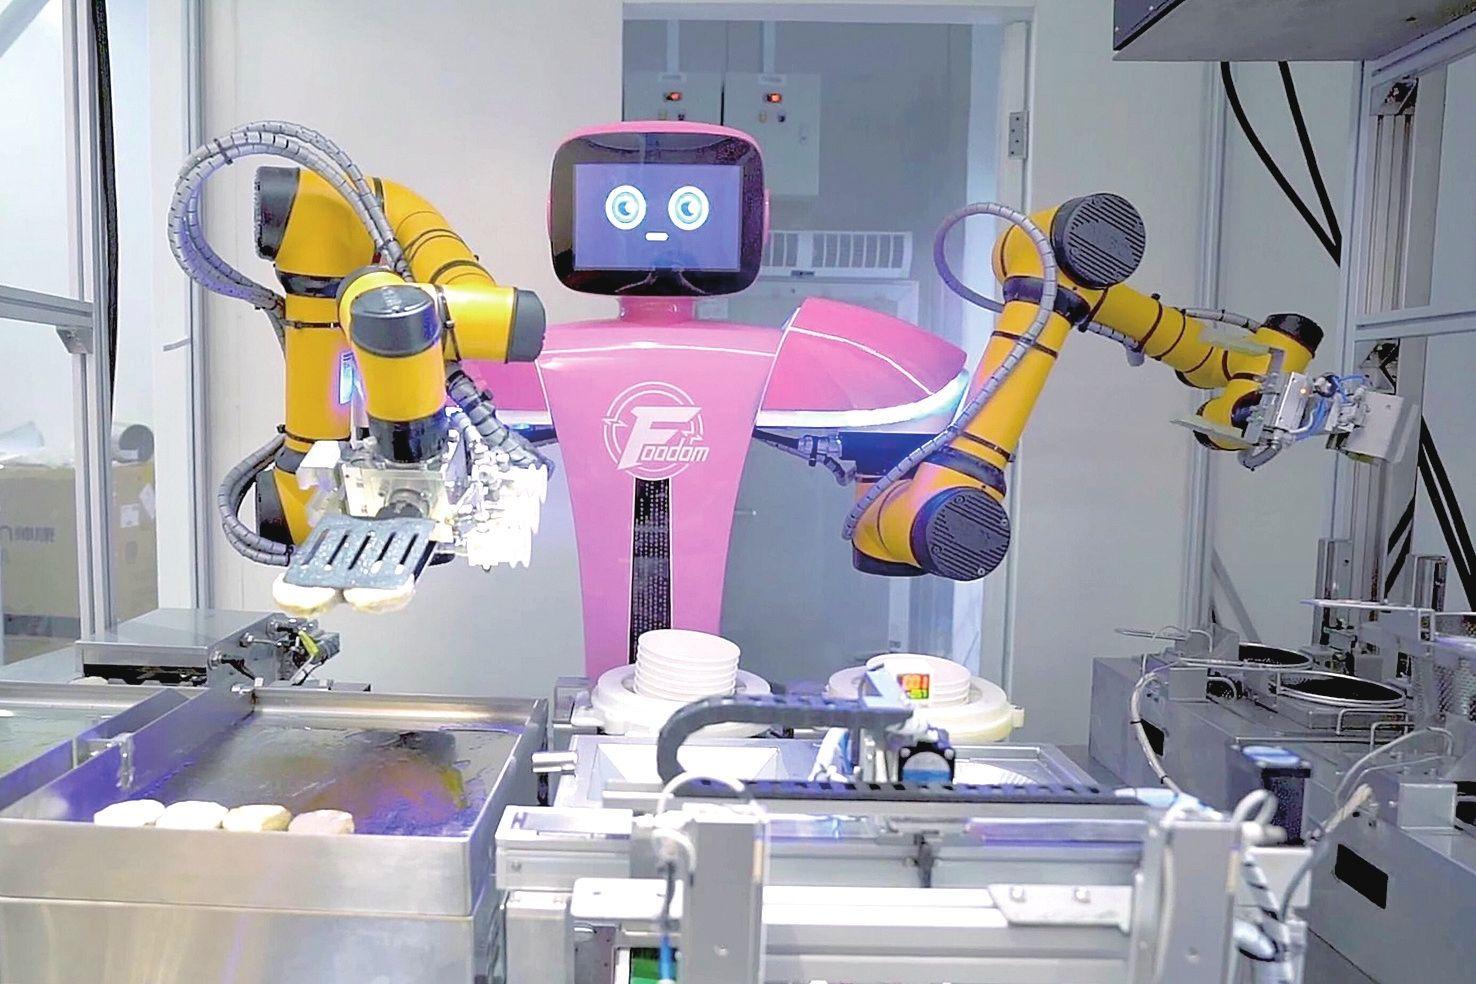 碧桂园机器人最新进展披露:预计明年小批量生产